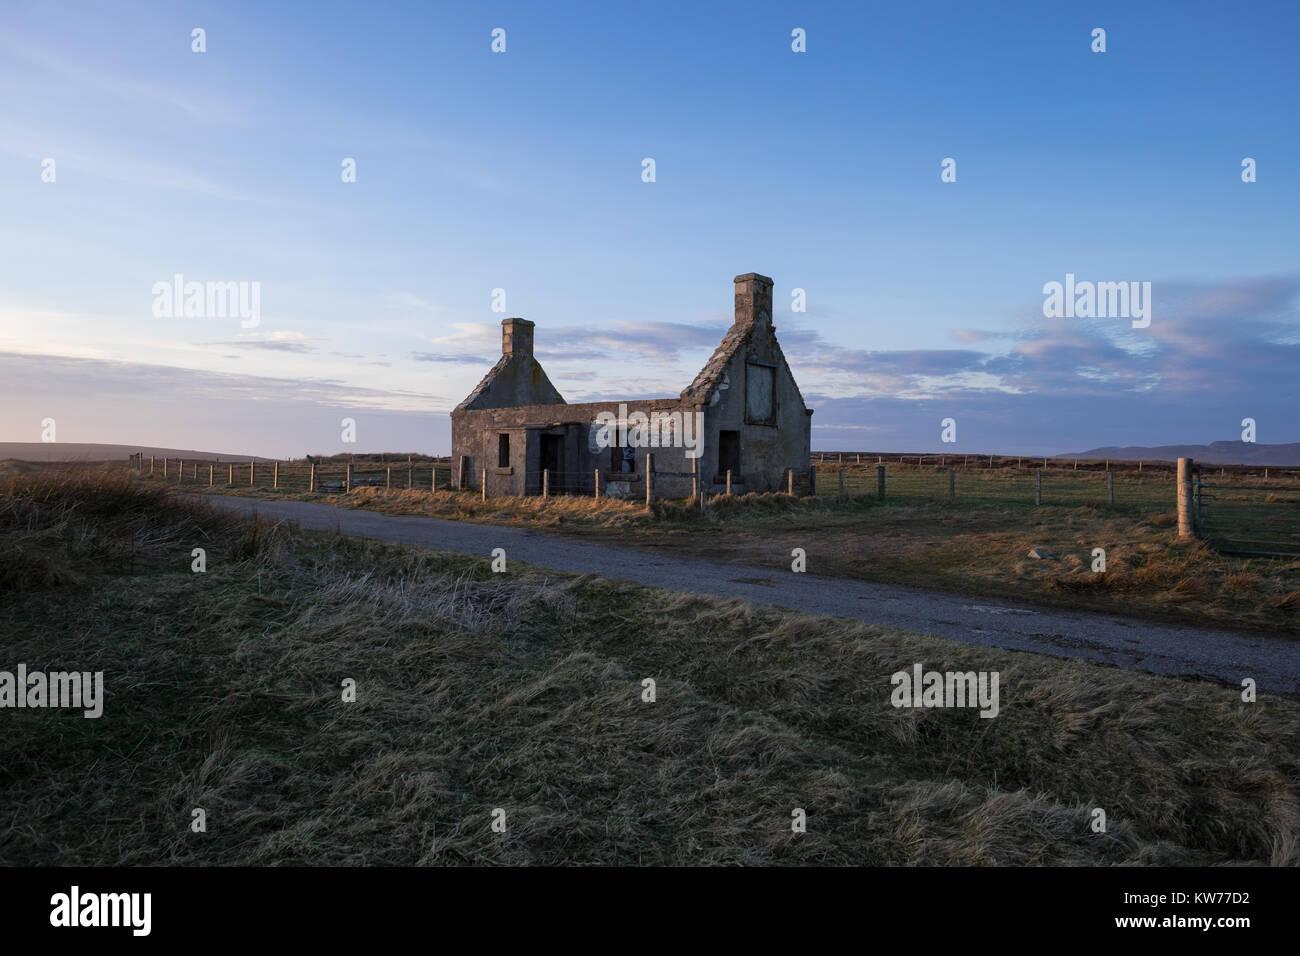 Moine House, Tounge, Sutherland, Scotland - Stock Image